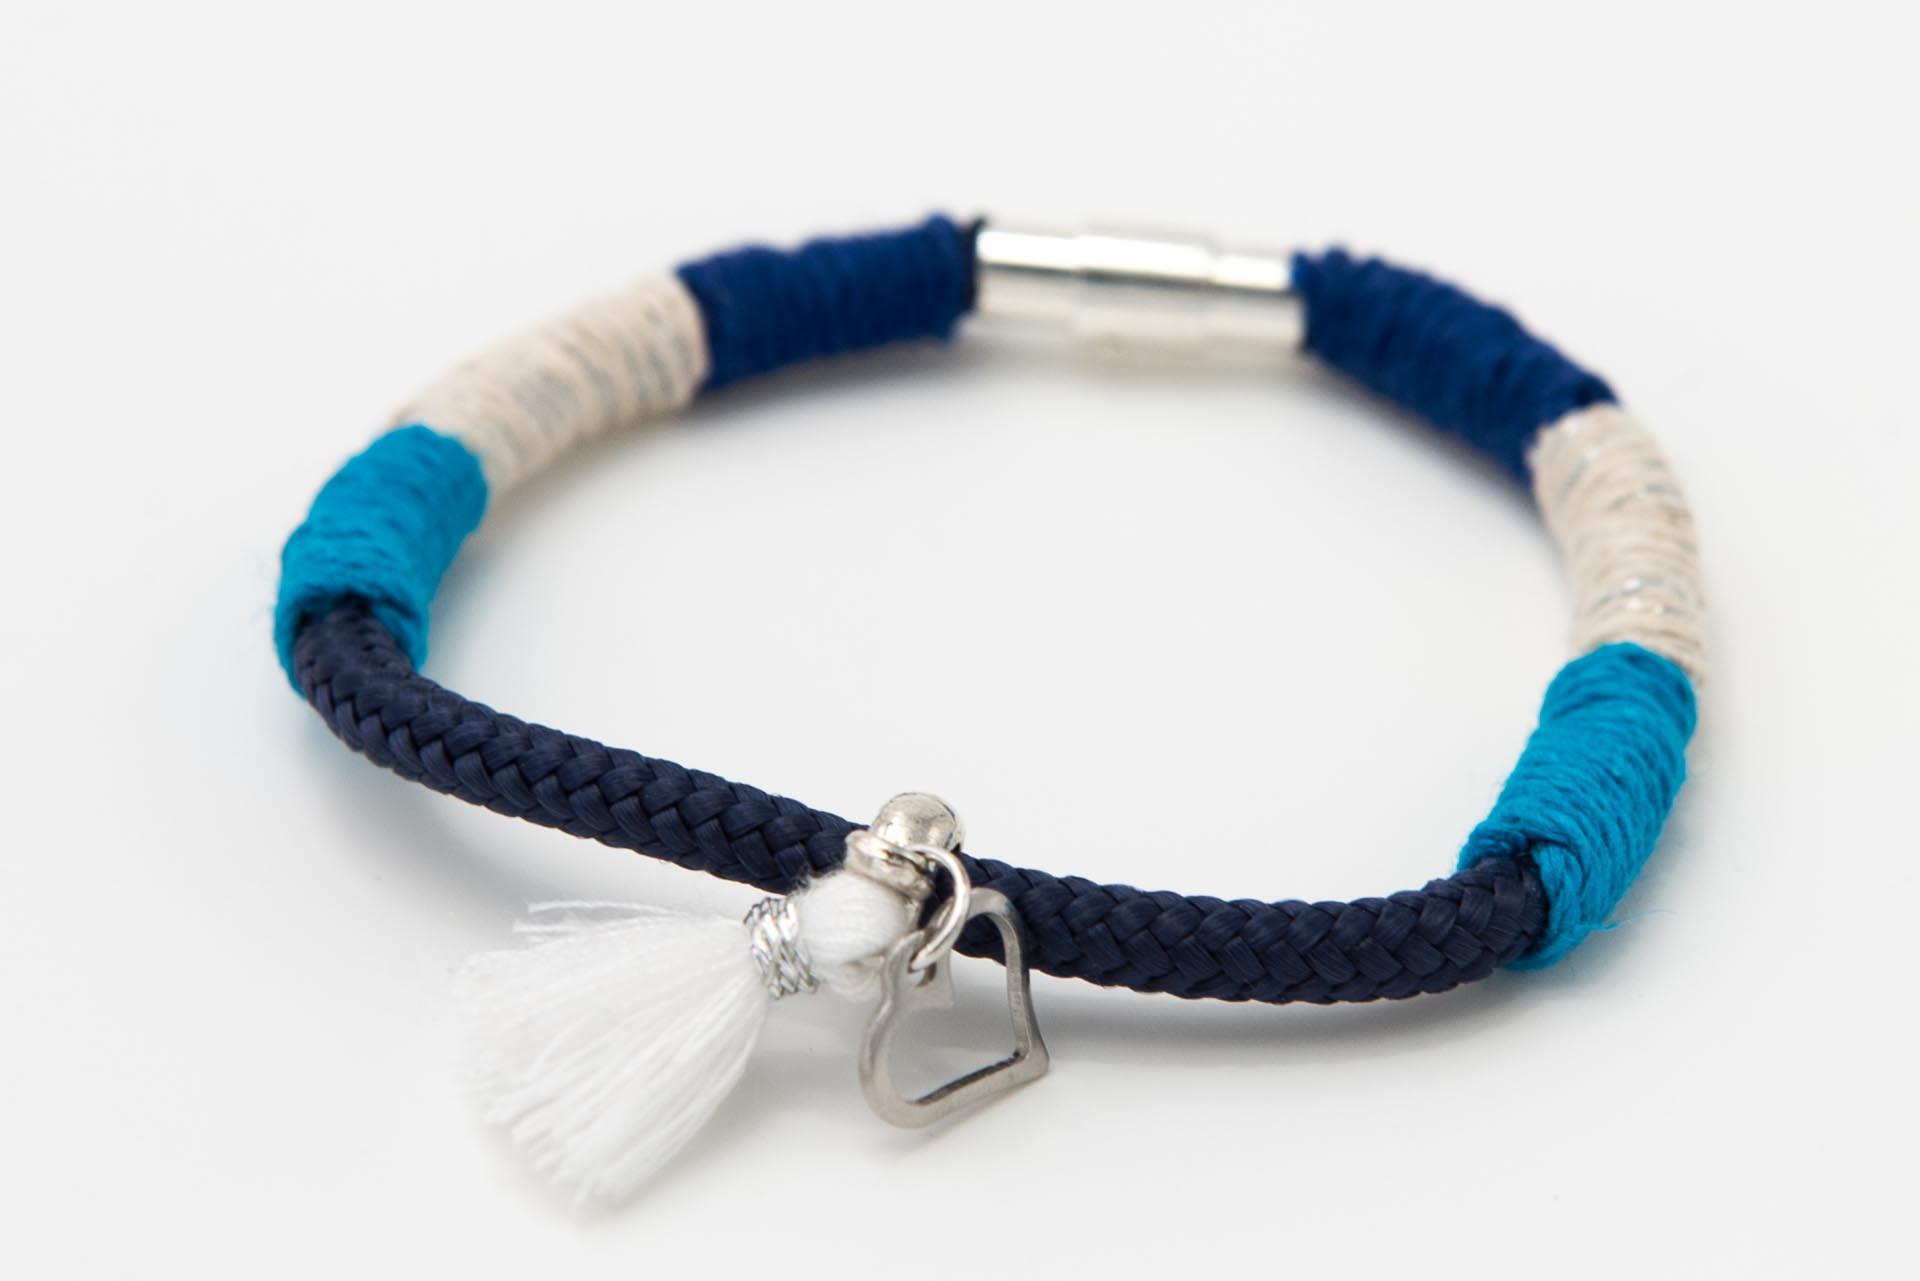 Armband-marineblau-türkis-silber-metallic